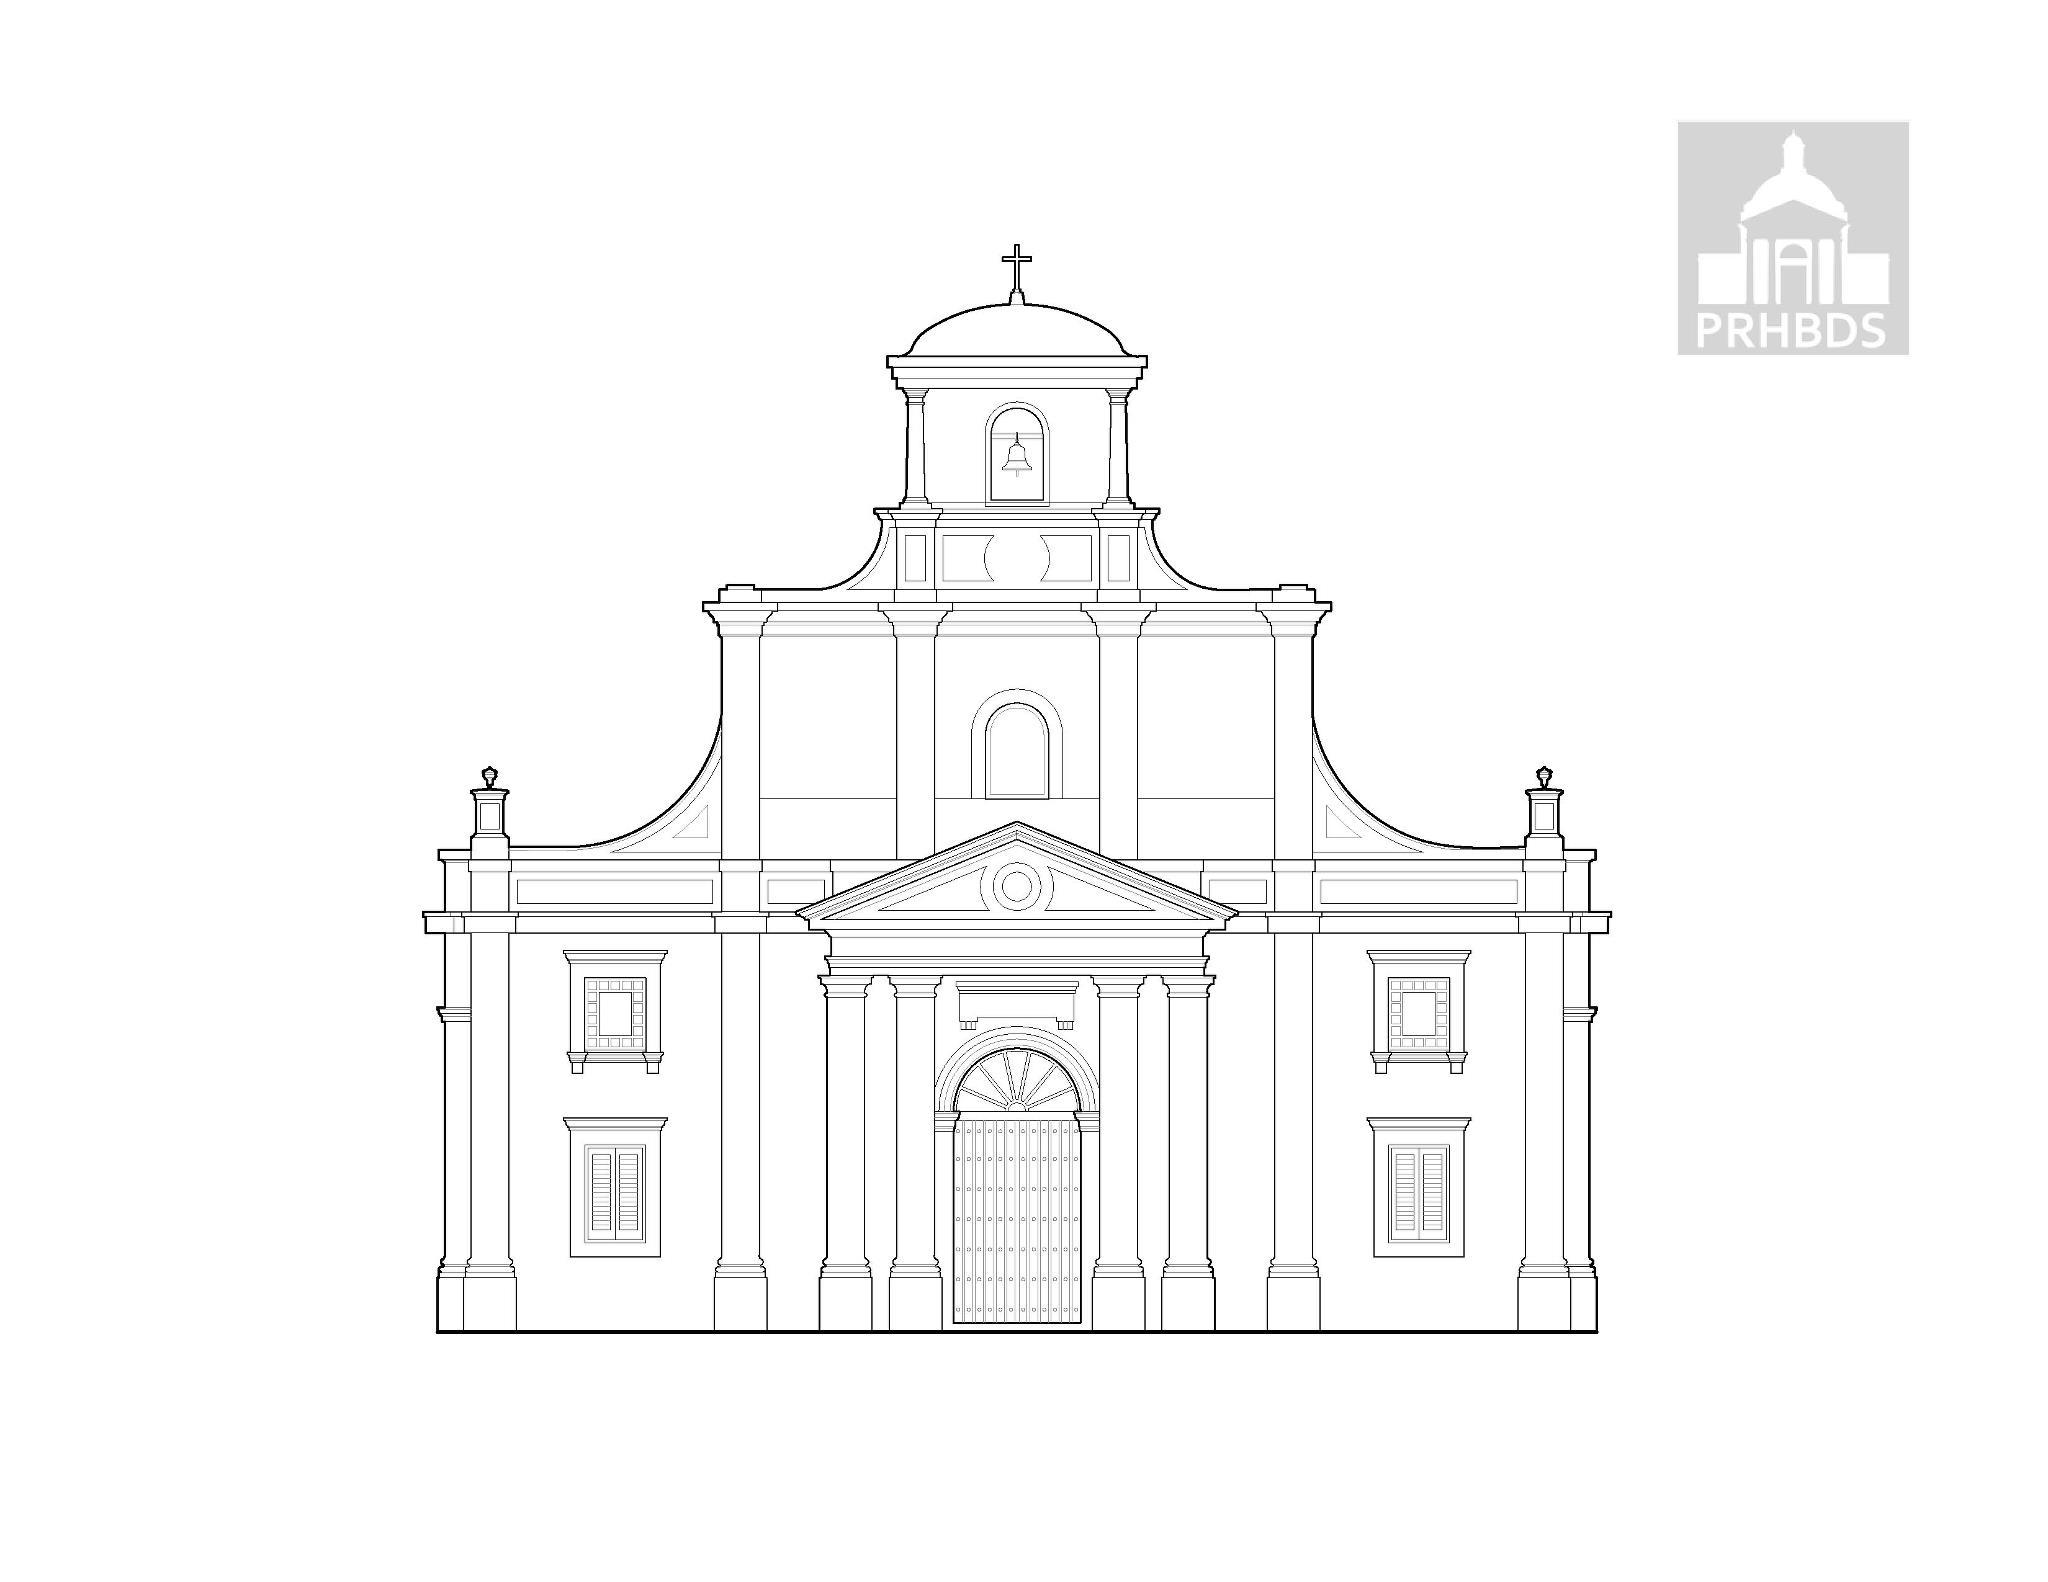 Catedral de San Felipe Apóstol (1846)   Arecibo, Puerto Rico     La Catedral de San Felipe Apóstol se encuentra localizada en la parte alta que comprende la península arenosa donde desemboca el Rió Grande de Arecibo. Según el historiador Antonio Cuesta Mendoza su construcción data el año 1616; sin embargo su actual aspecto es del 1846. En el 1960 se designó catedral al crearse la Diócesis de Arecibo y el 25 de noviembre de 1960 tomó posesión su primer Obispo, Monseñor Alfredo S. Méndez.  Su estilo arquitectónico es basado en elementos bizantinos. Esta rodeada por un ancho atrio y su piso interior es de lozas de mármol negra y blanca. Es la segunda iglesia en tamaño construida en Puerto Rico por los españoles, la primera en tamaño es la Catedral de San Juan Bautista en San Juan. Su fachada tiene un balance triangular simétrico. Una espadaña (campanario de una sola pared, en la que están abiertos los huecos para colocar las campanas) en la parte posterior de la misma hace suponer que el campanario- presente en su fachada- no existía en los comienzos. Las ventanas rectangulares, de estilo renacentista (poco común en la arquitectura religiosa de Puerto Rico), se repiten alrededor de todo el edificio de forma única.  En el interior tiene un ábside semicircular con una cúpula de un cuarto de esfera, perforada en tres puntos por claraboyas semicirculares. En la parte posterior del ábside que da acceso a la sacristía, hay una escalera que conduce a los aposentos en la segunda planta. Esta complejidad de elementos y diseños arquitectónicos es solamente sobrepasada por la catedral de San Juan (Marvel & Moreno, 1994).